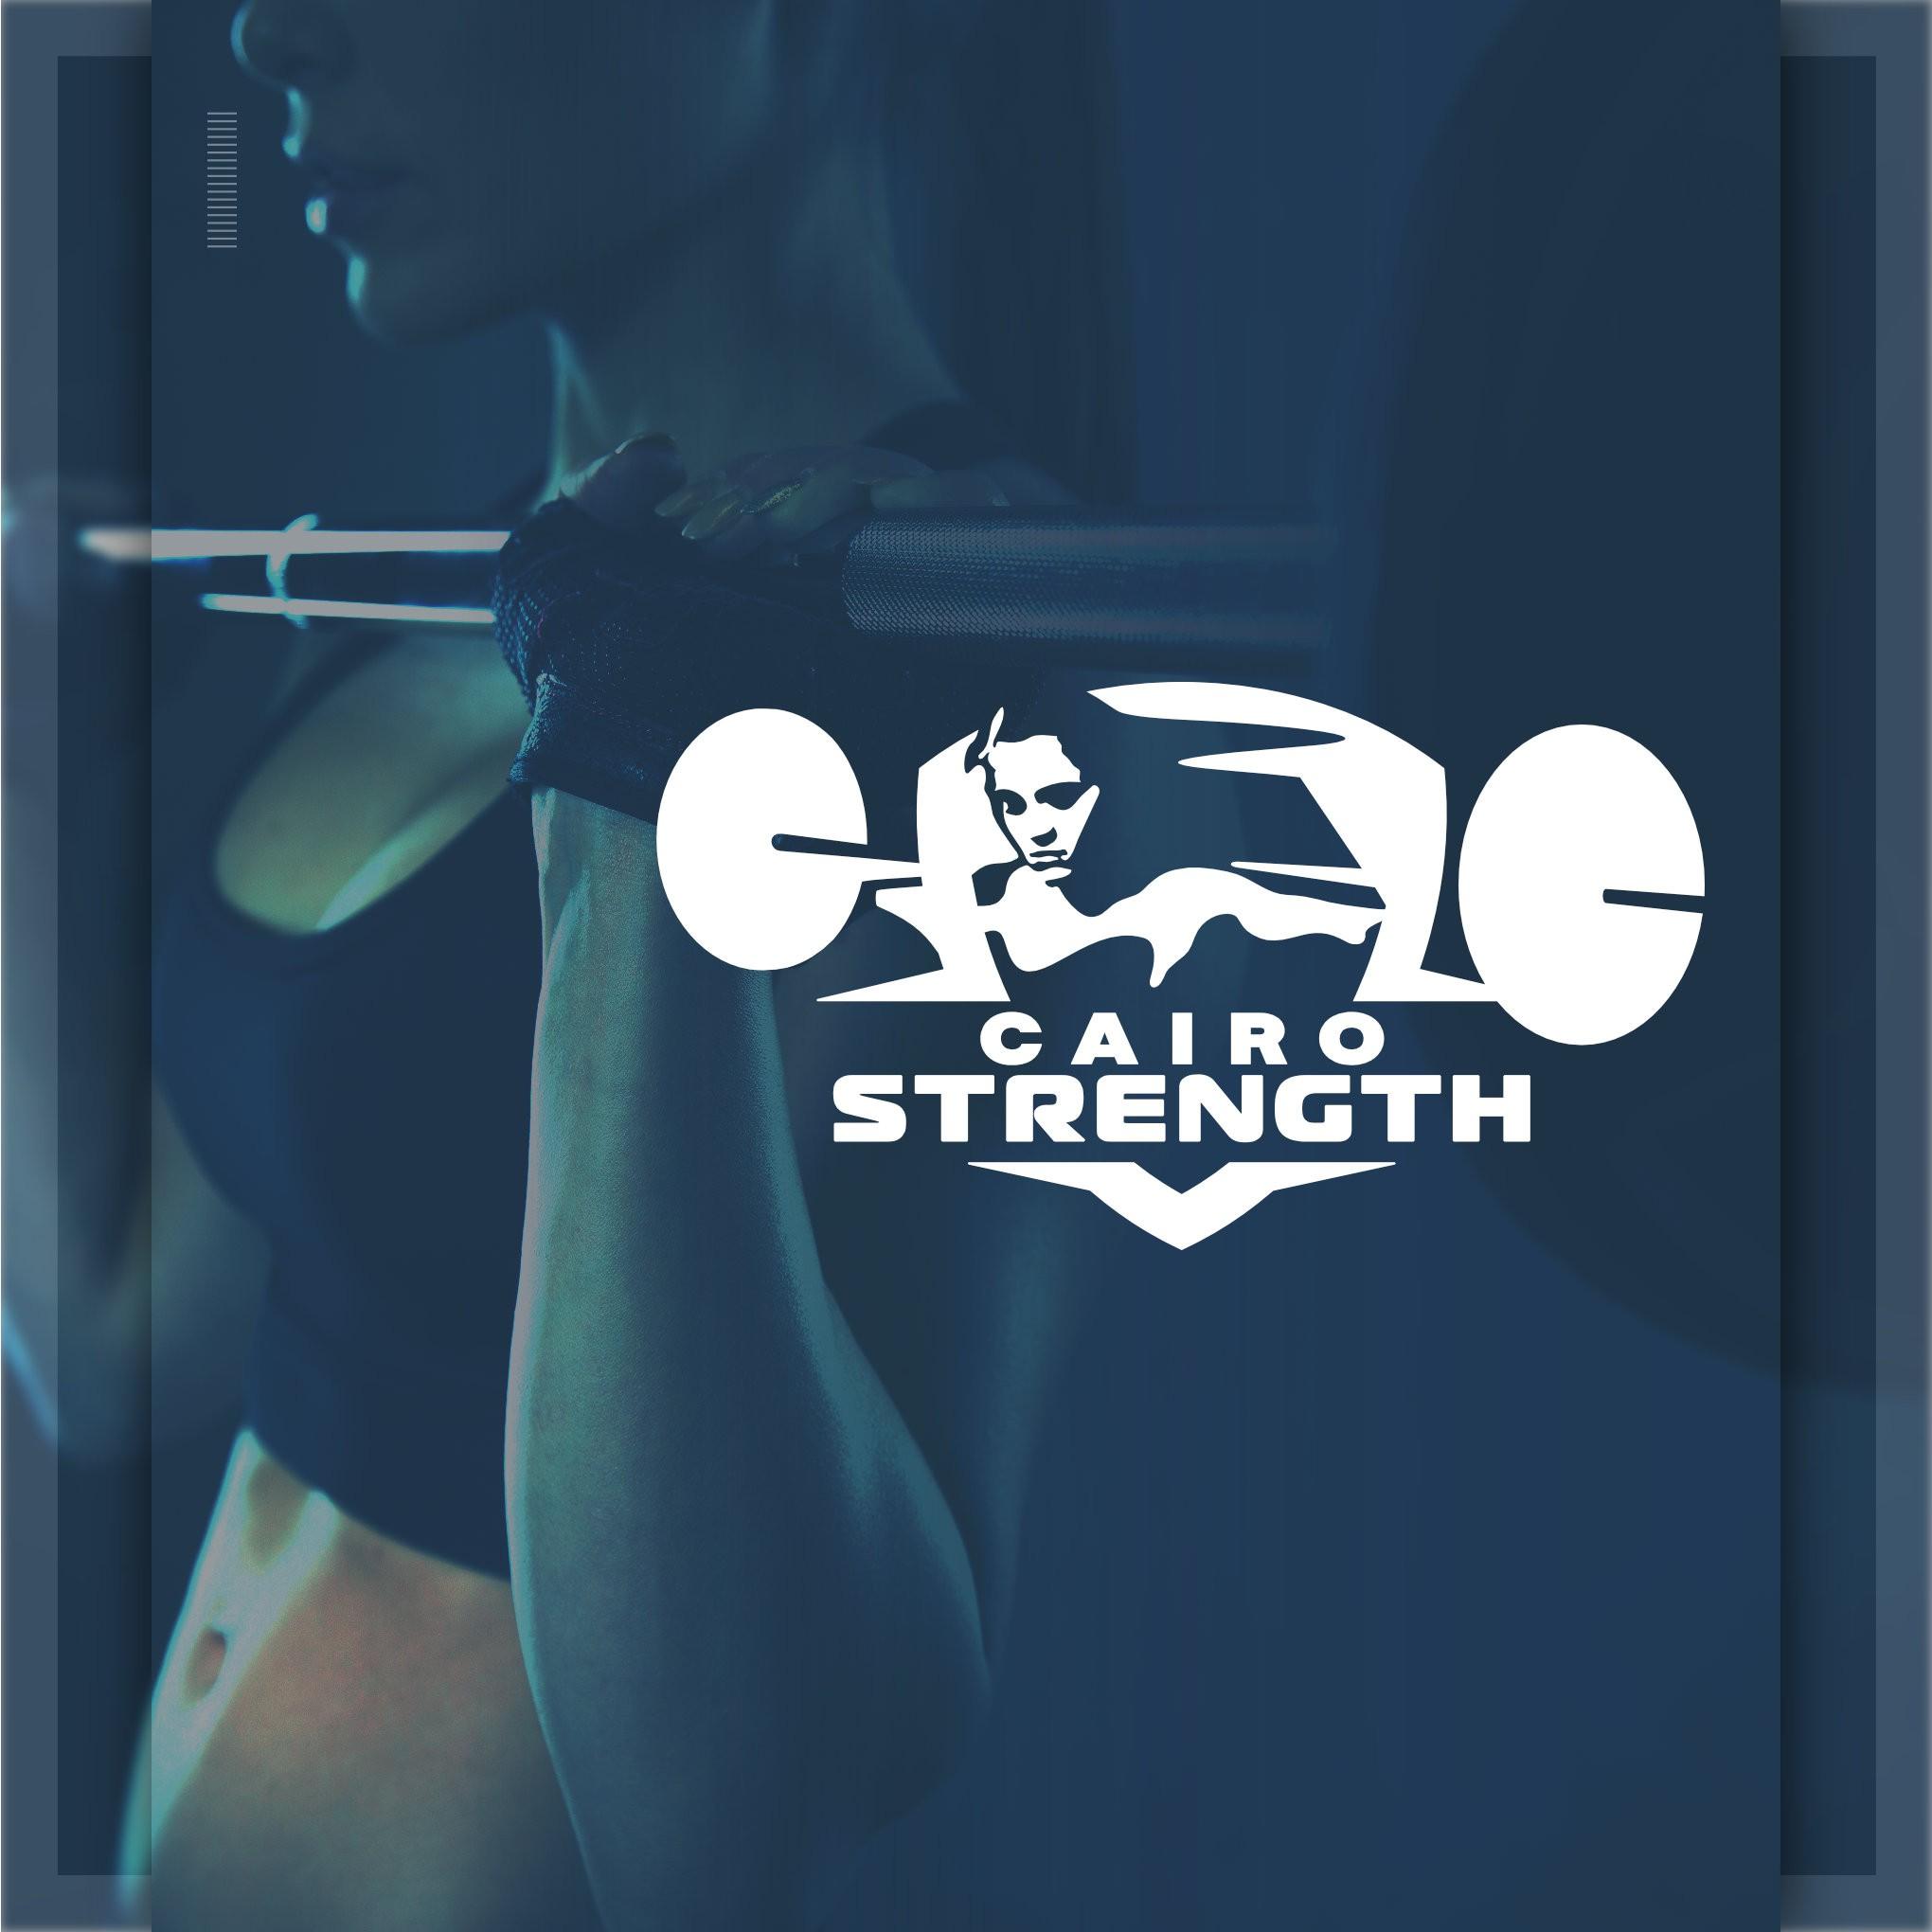 Cairo Strength Logo